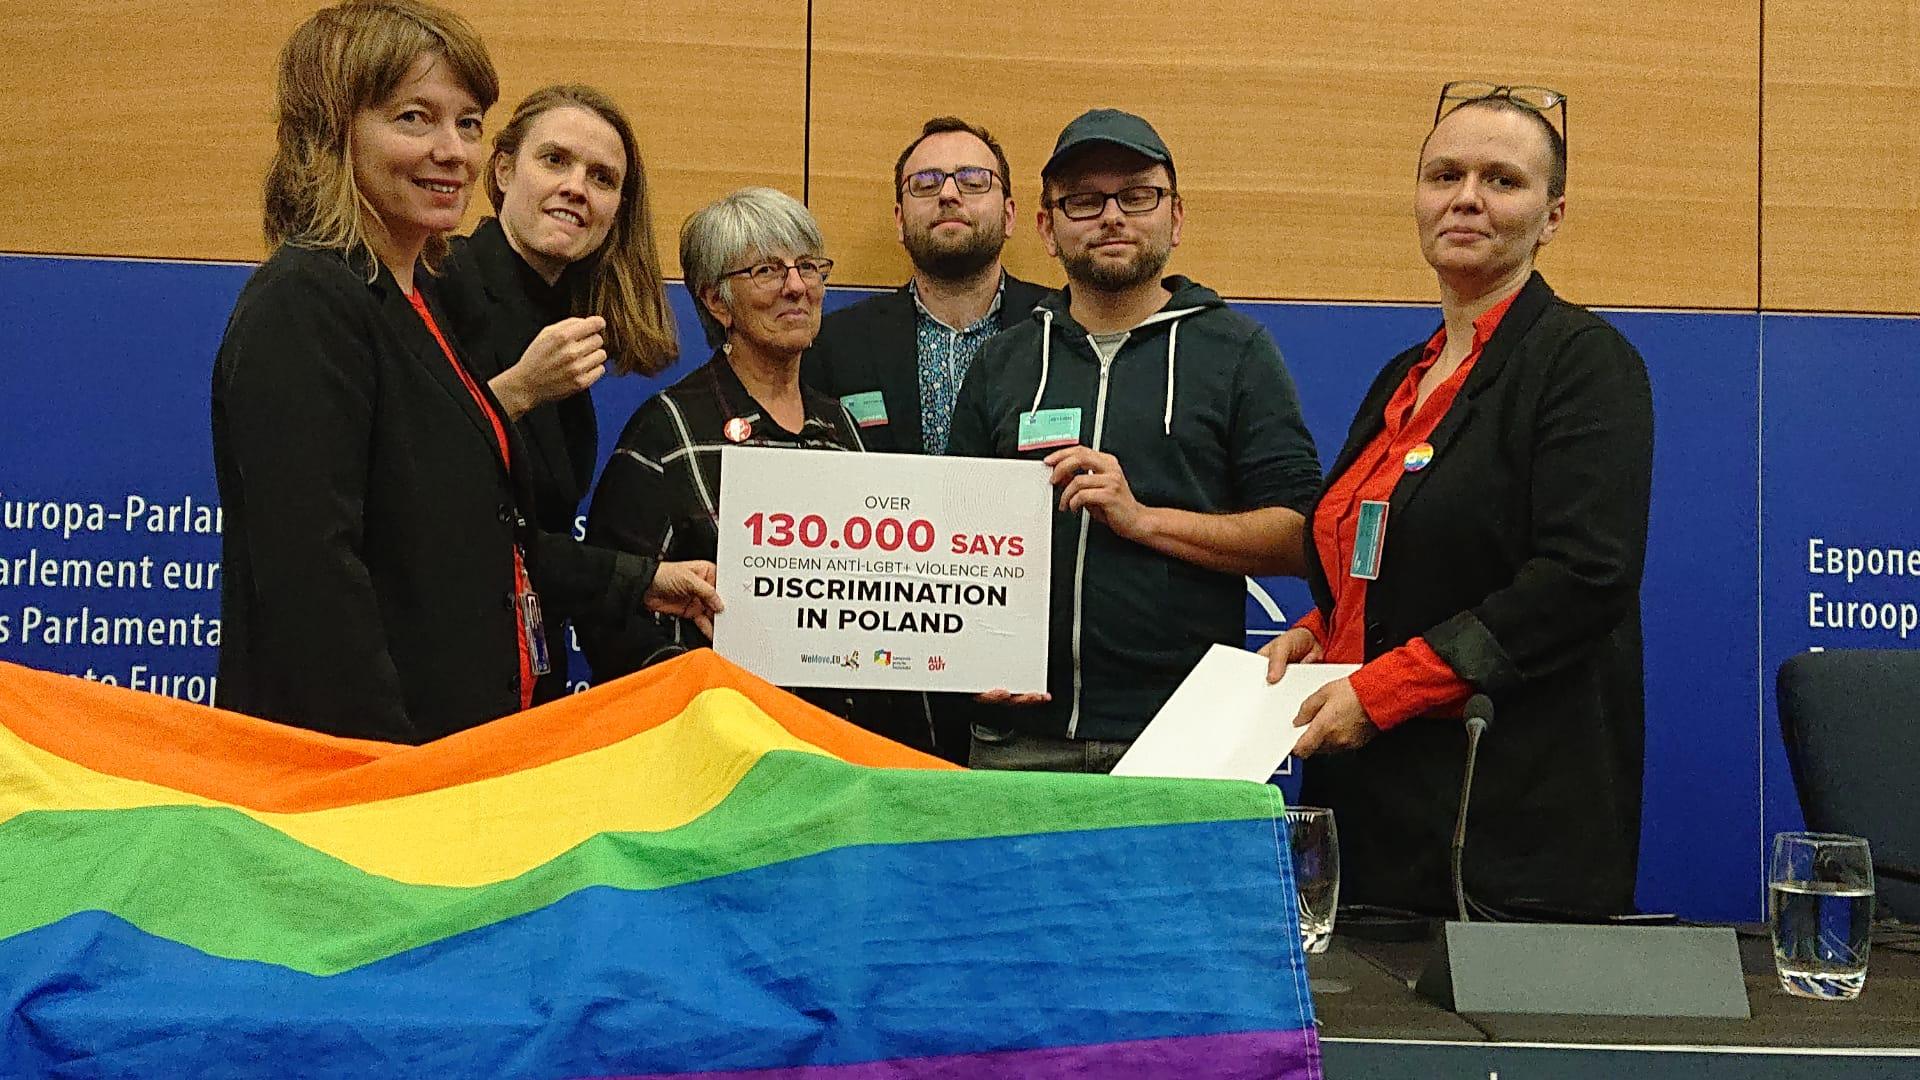 Zdjęcie przedstawia grupę ludzi trzymających tabliczkę z napisem: 130.000 podpisów przeciwko uchwałom anty-LGBT (po angielsku) i tęczową flagą